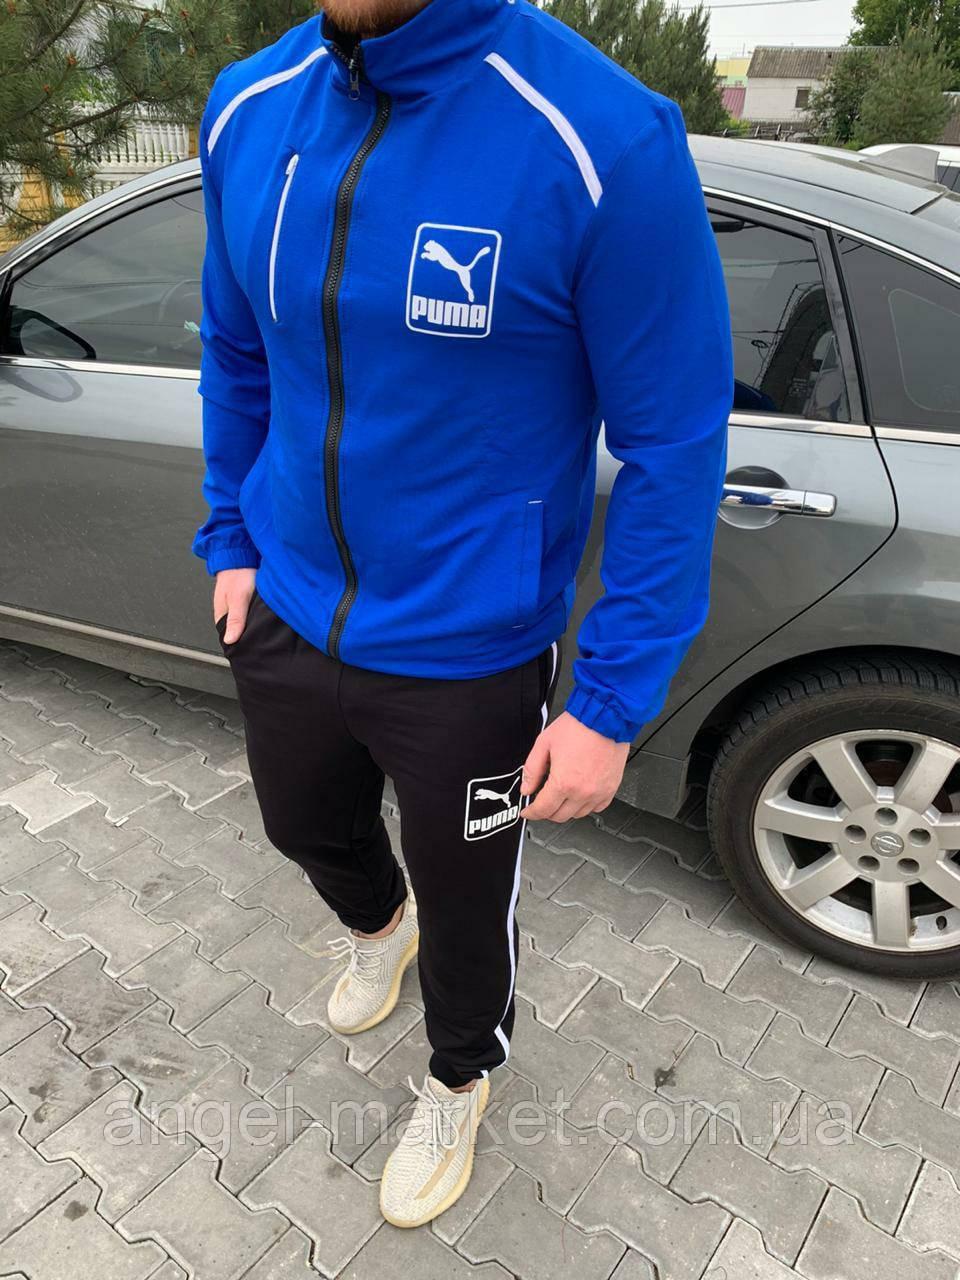 Мужской спортивный костюм двунитка. Новинка 2020